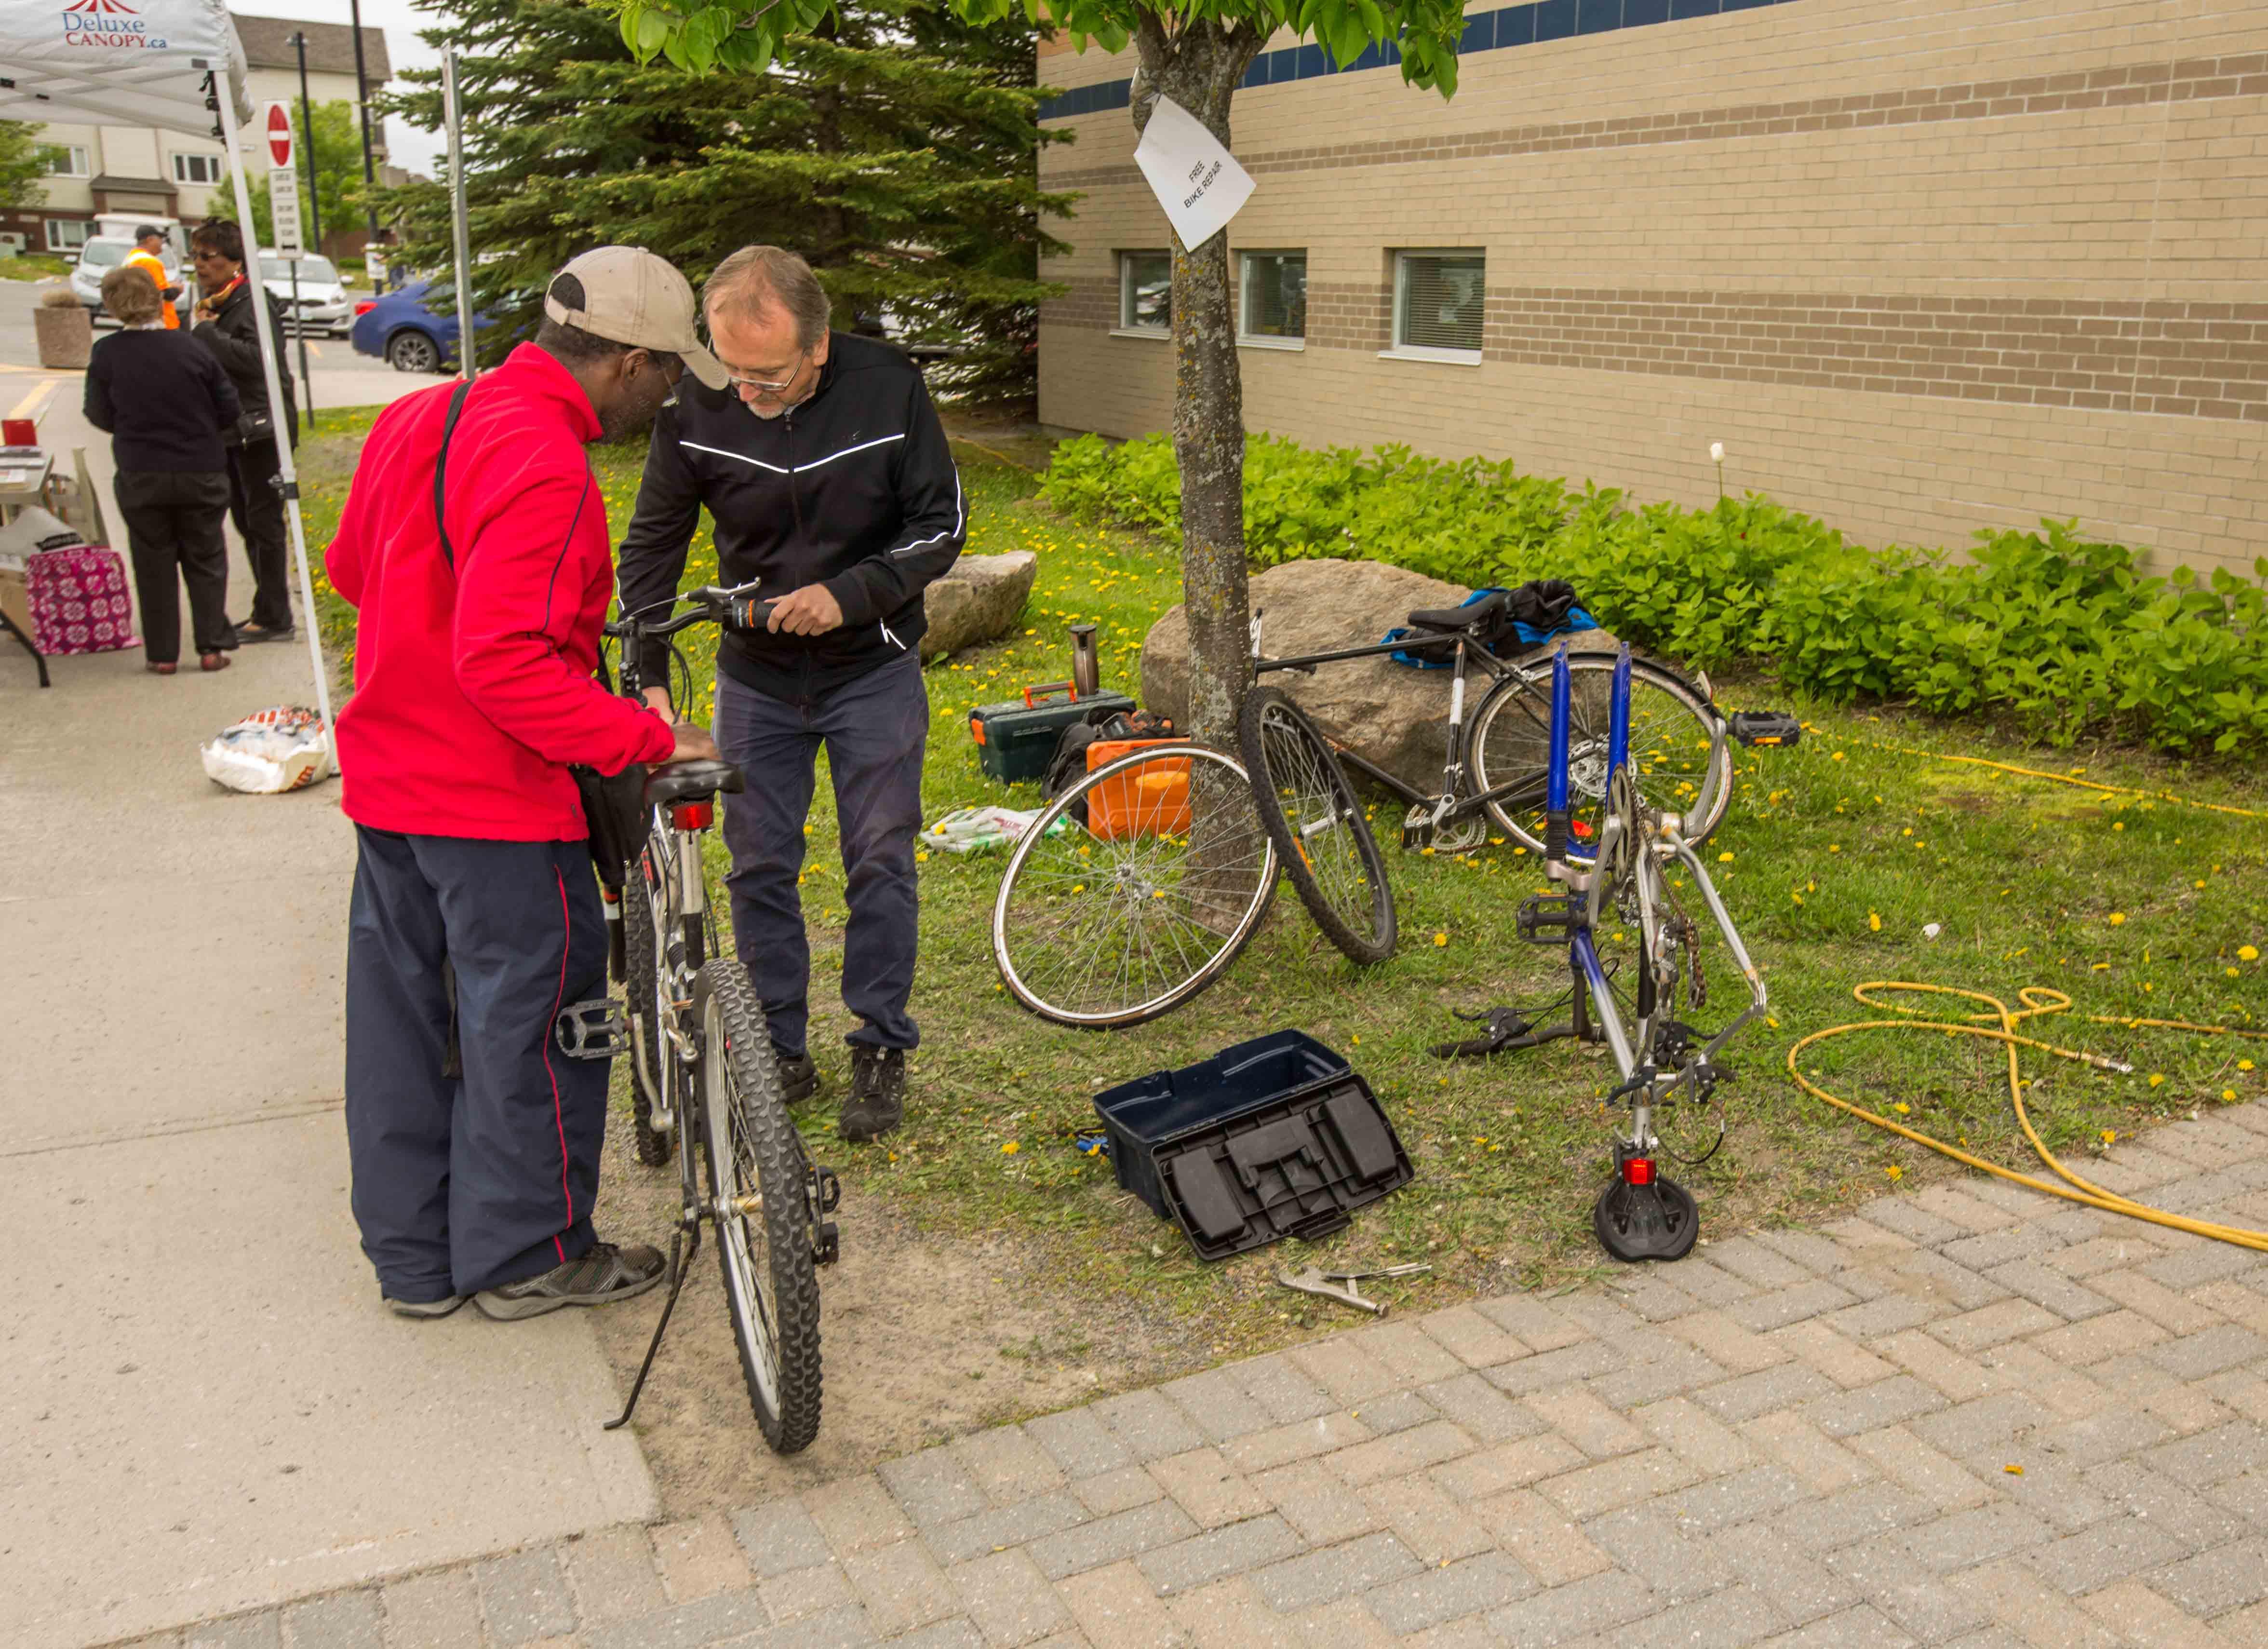 Volunteers offered free bike repair.